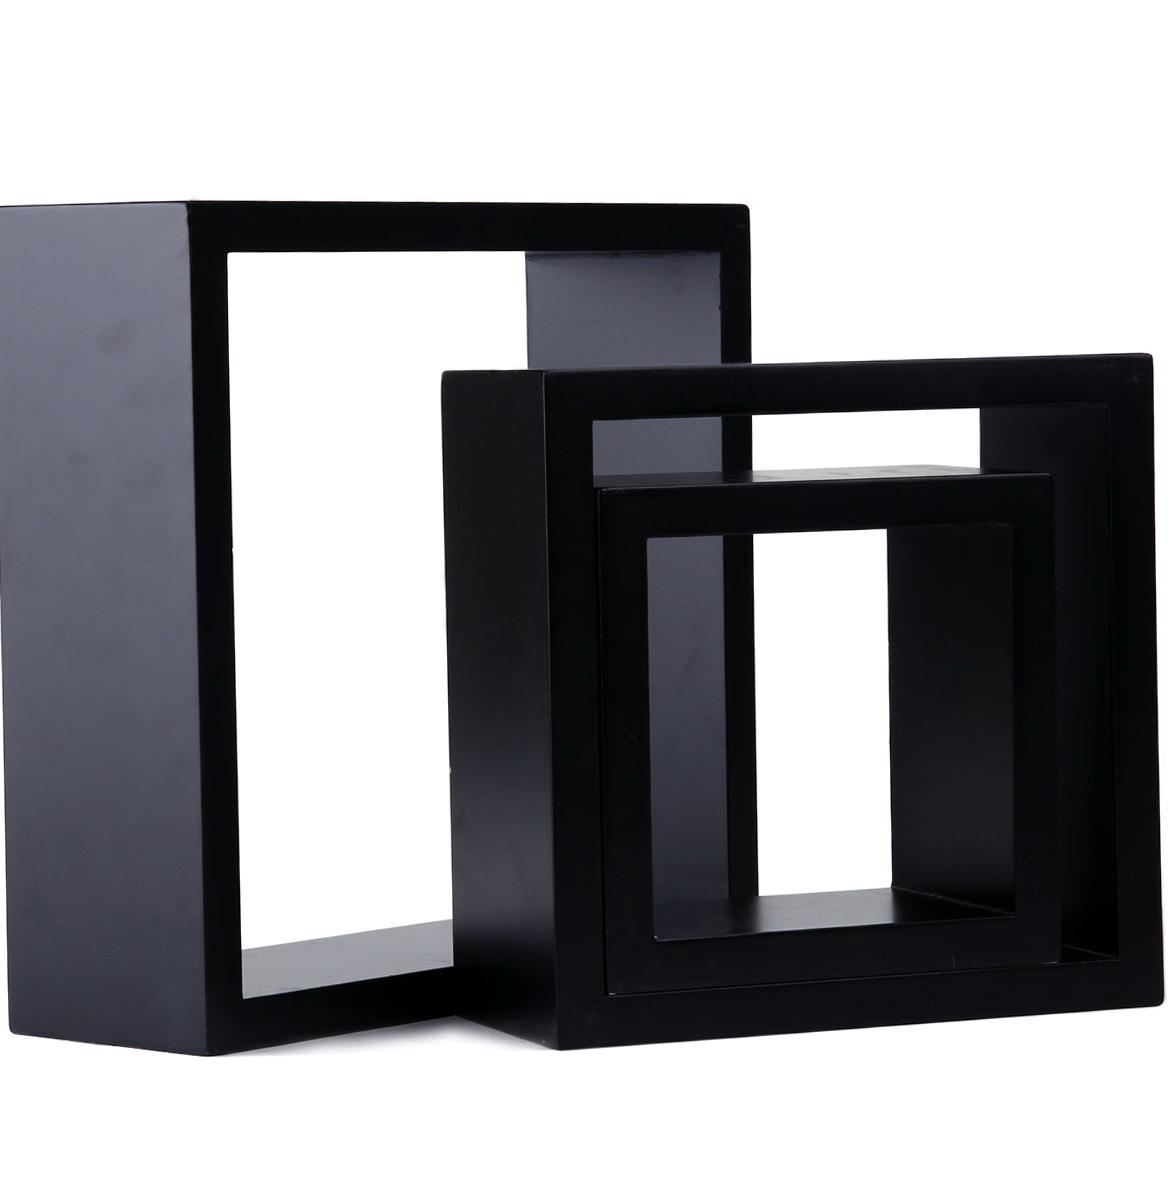 Black Cube Wall Shelves